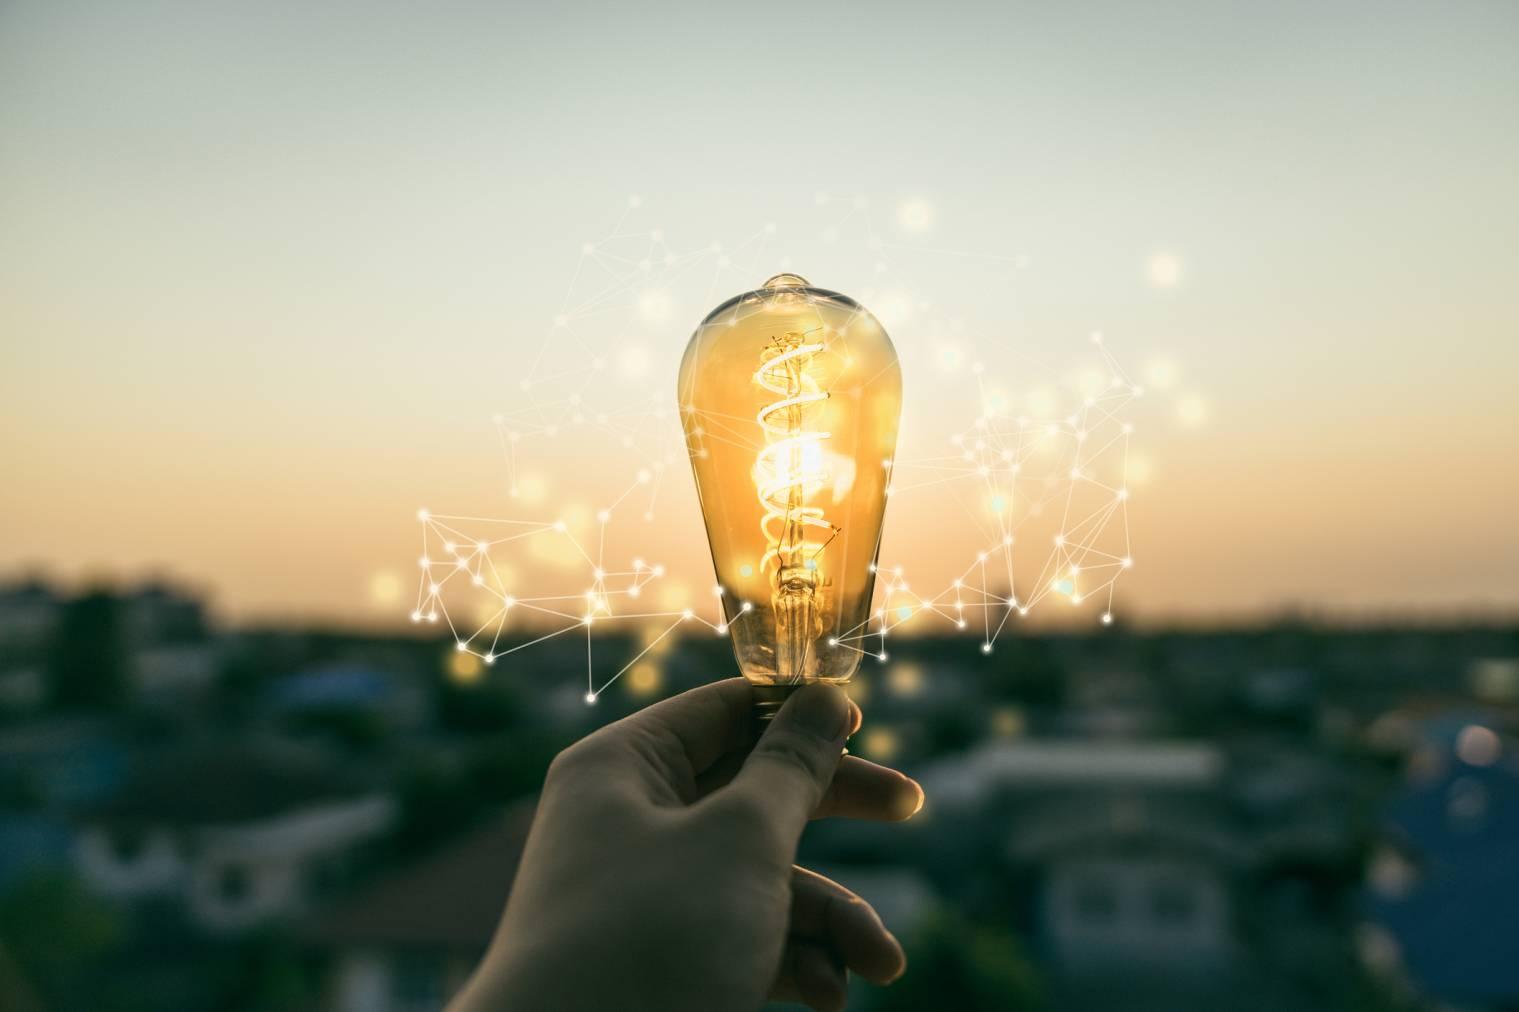 Peut-on stocker électricité ?